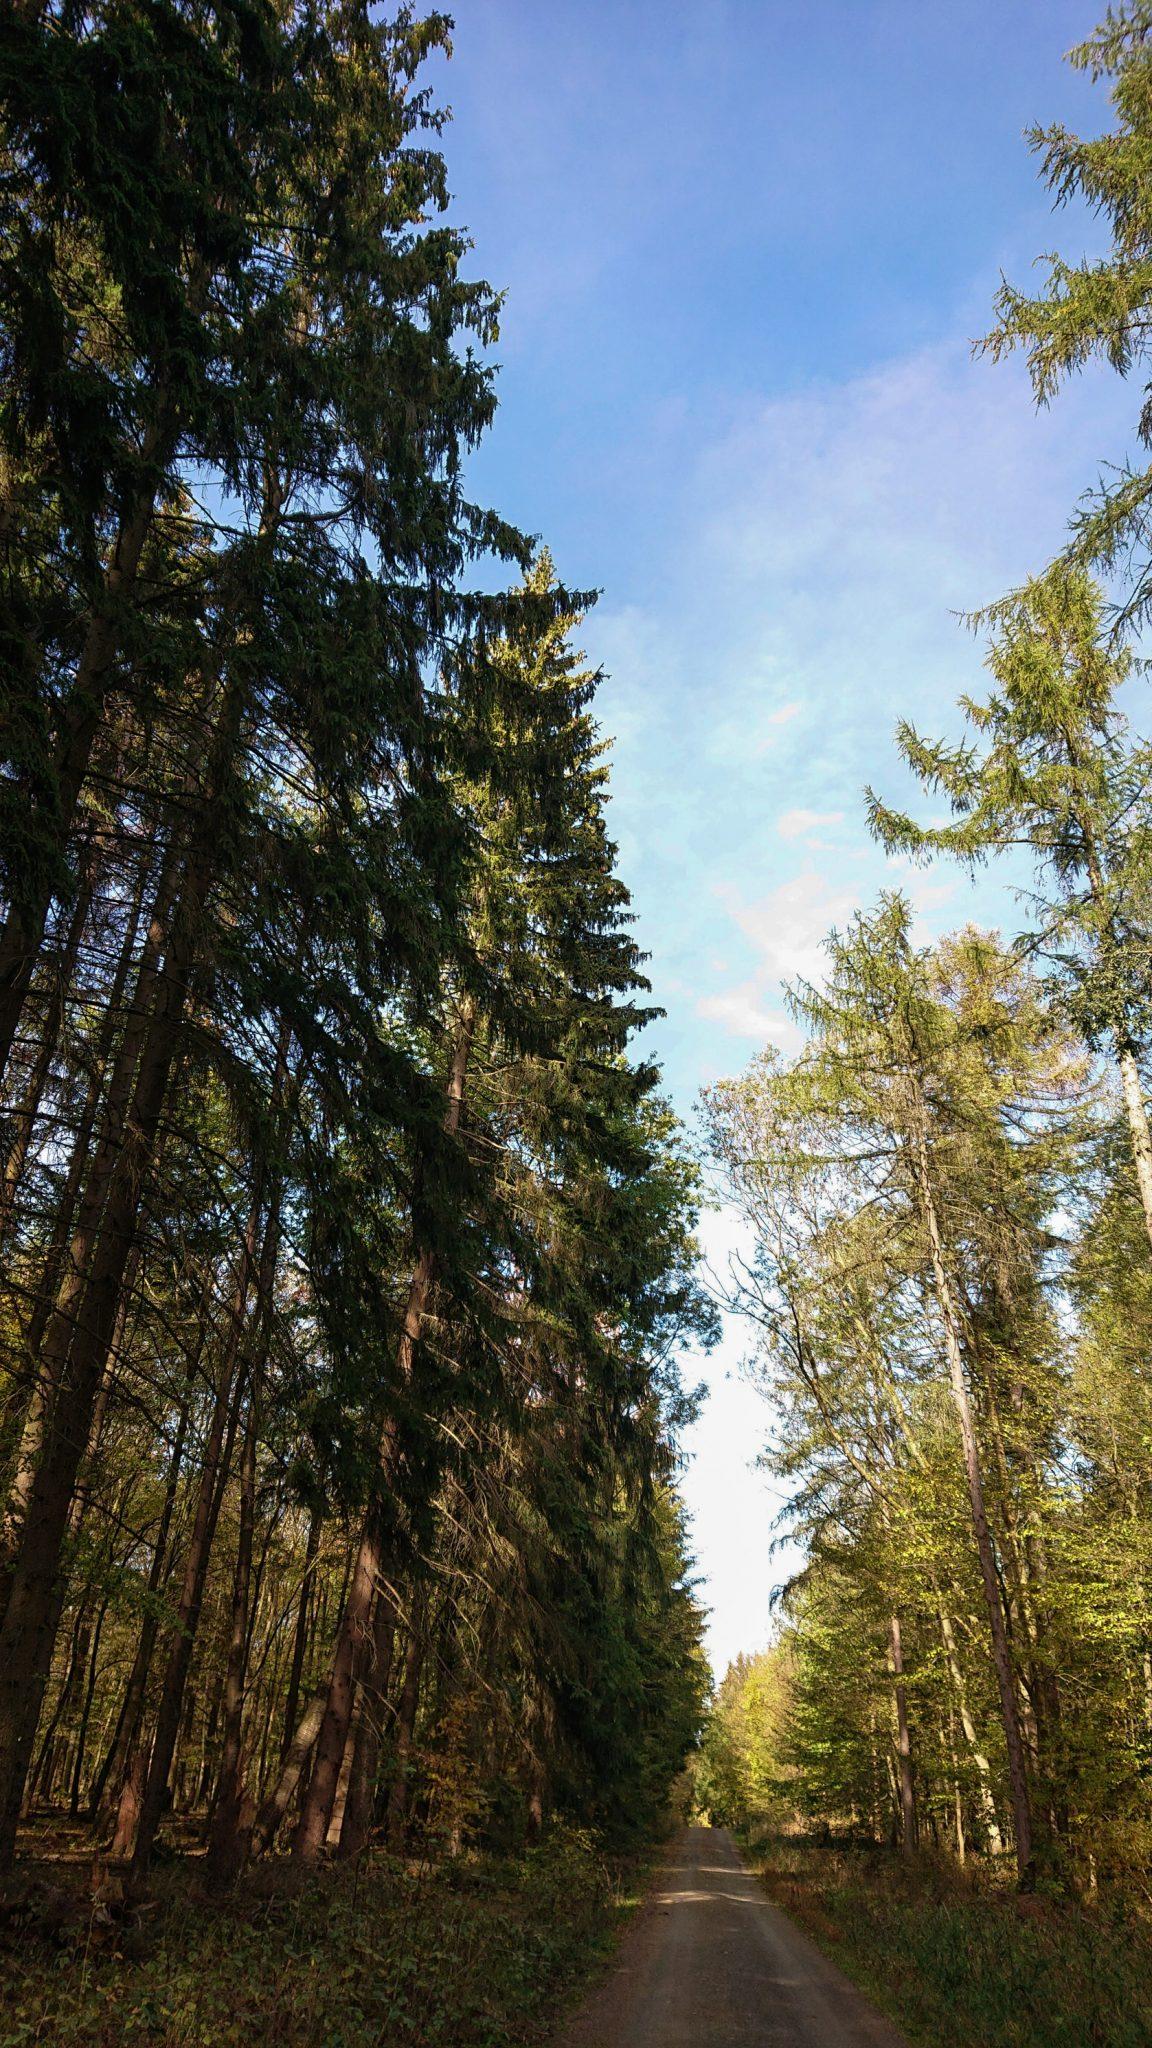 Rundwanderung Thale nach Treseburg - über Hexentanzplatz, Bodetal und Roßtrappe, Wanderweg ist breiter Forstweg zwischen Thale und Treseburg